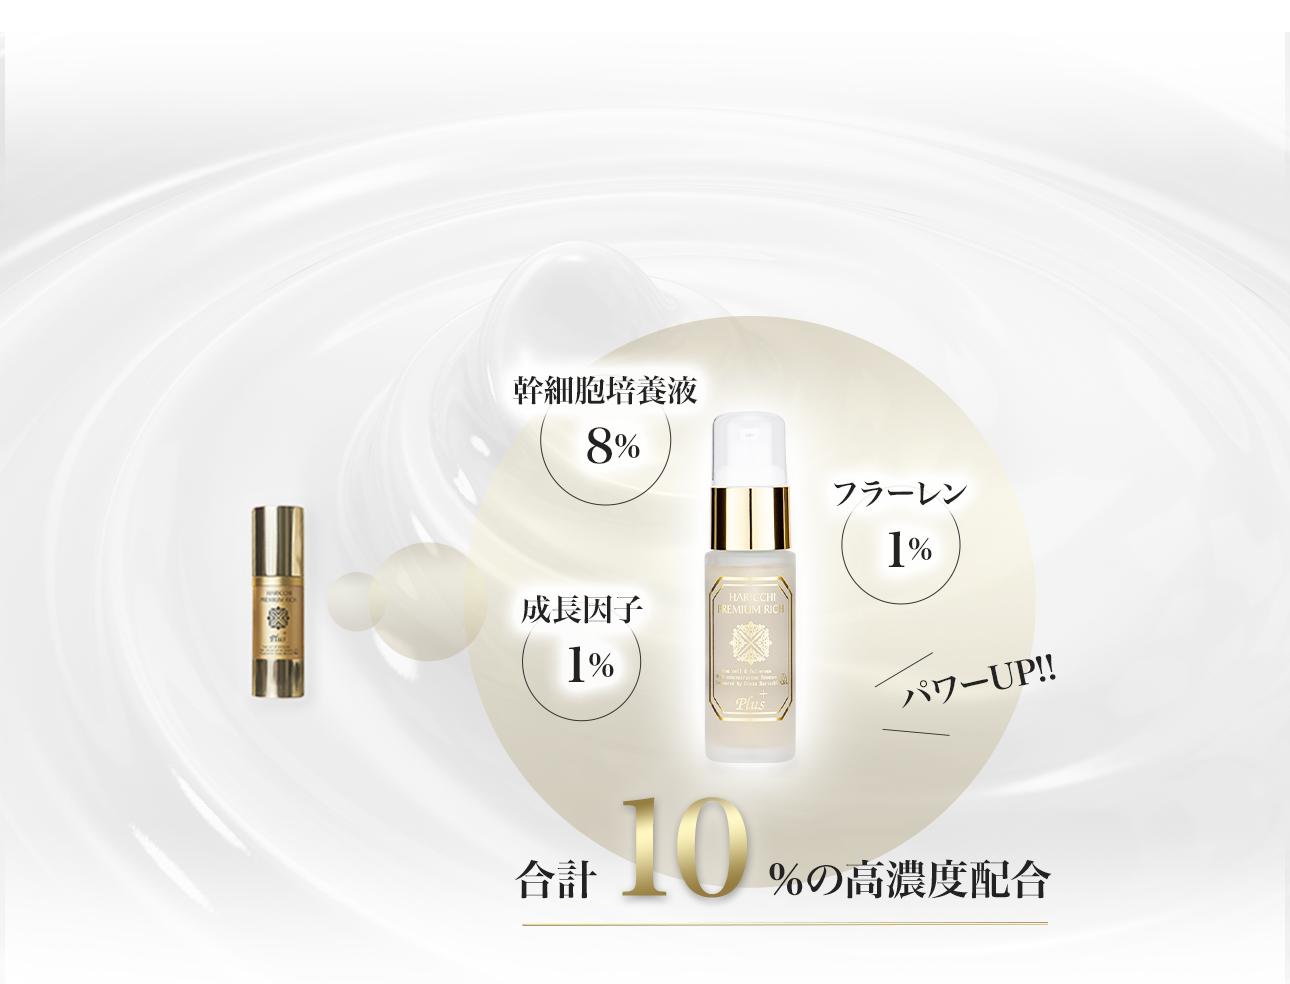 幹細胞培養液8% 成長因子1% フラーレン1% 合計10%の高濃度配合